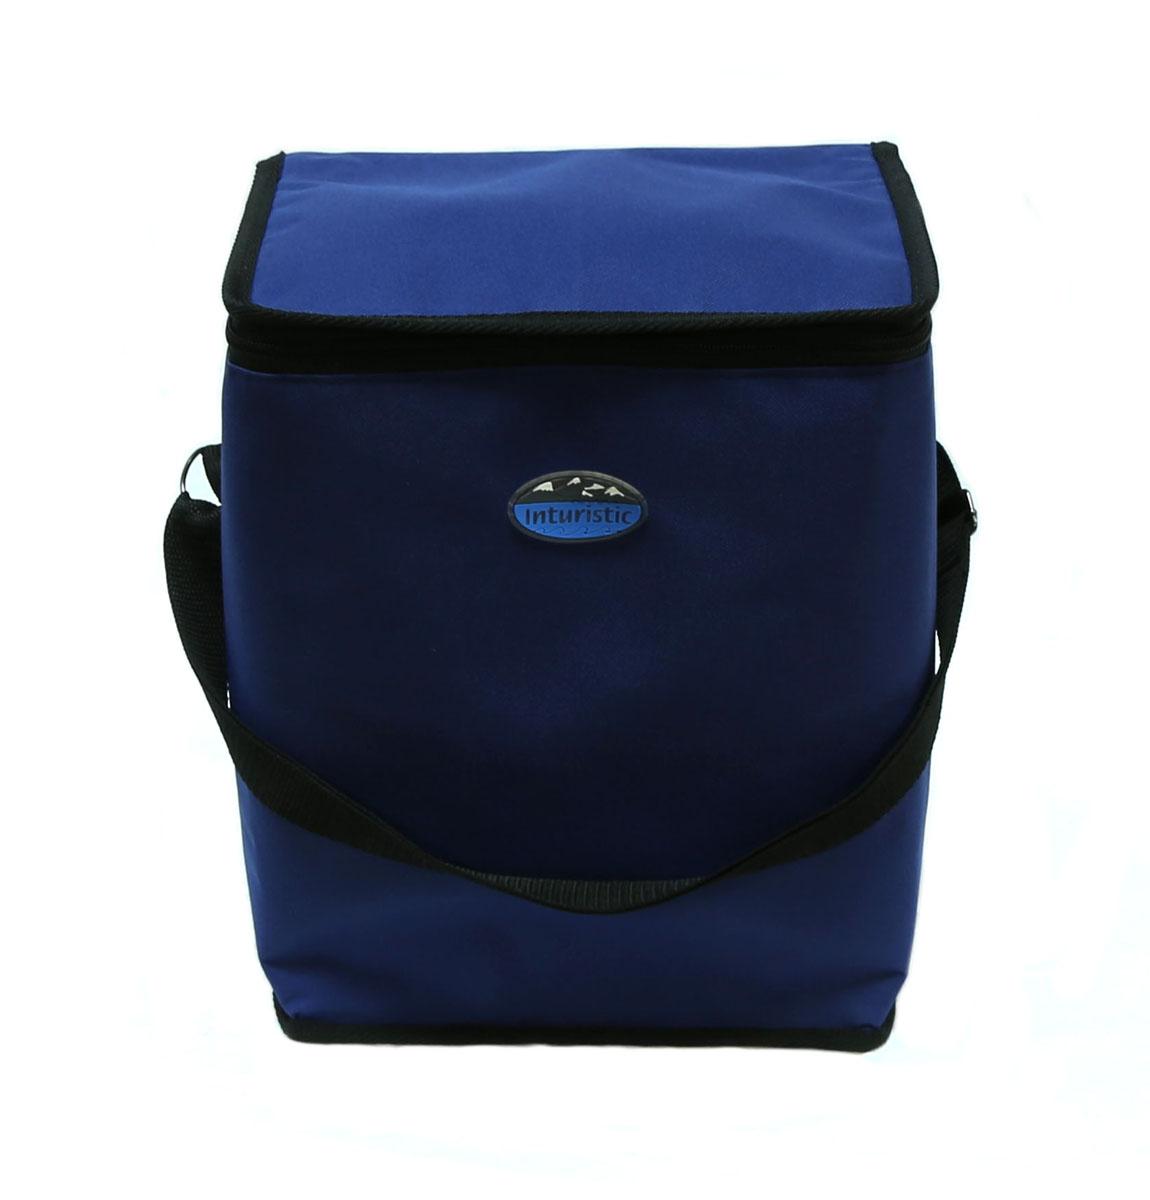 Сумка изотермическая Inturistic, цвет: синий, 17л128533-2Изотермическая сумка Inturistic поможет сохранить температуру пищи и напитков в течение нескольких часов. Она будет удобна при поездках на дачу, на пикник и дальних путешествиях. Коэффициент теплового отражения не менее 90%. Температурный диапазон от -60°С до 140°С. Вмещает по высоте до 6 ПЭТ бутылок емкостью 1,5 л с прохладительными напитками. Наибольший эффект достигается при использовании аккумуляторов холода. Имеется карман для аккумулятора холода. Карман можно использовать для переноски необходимых мелочей. Сумка удобна для переноски контейнеров с едой и ланч боксов.Материал: Oxford ПВХ, тепло/гидроизоляционный материал, термостойкая изоляция.Объем сумки: 17 л.Размер сумки: 26 х 20 х 32 см.